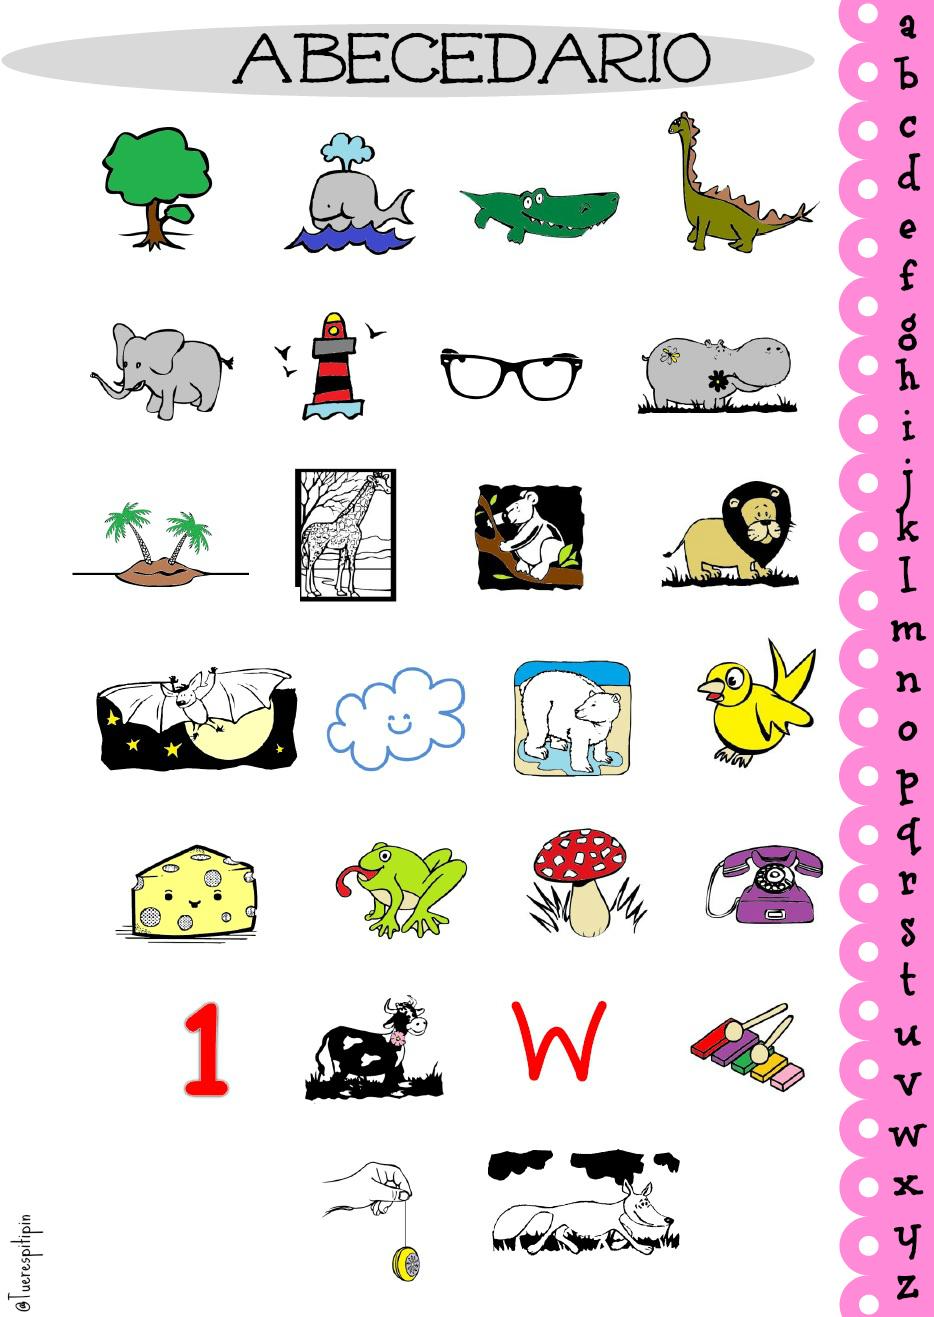 Abecedario para enmarcar/ freebie alphabet